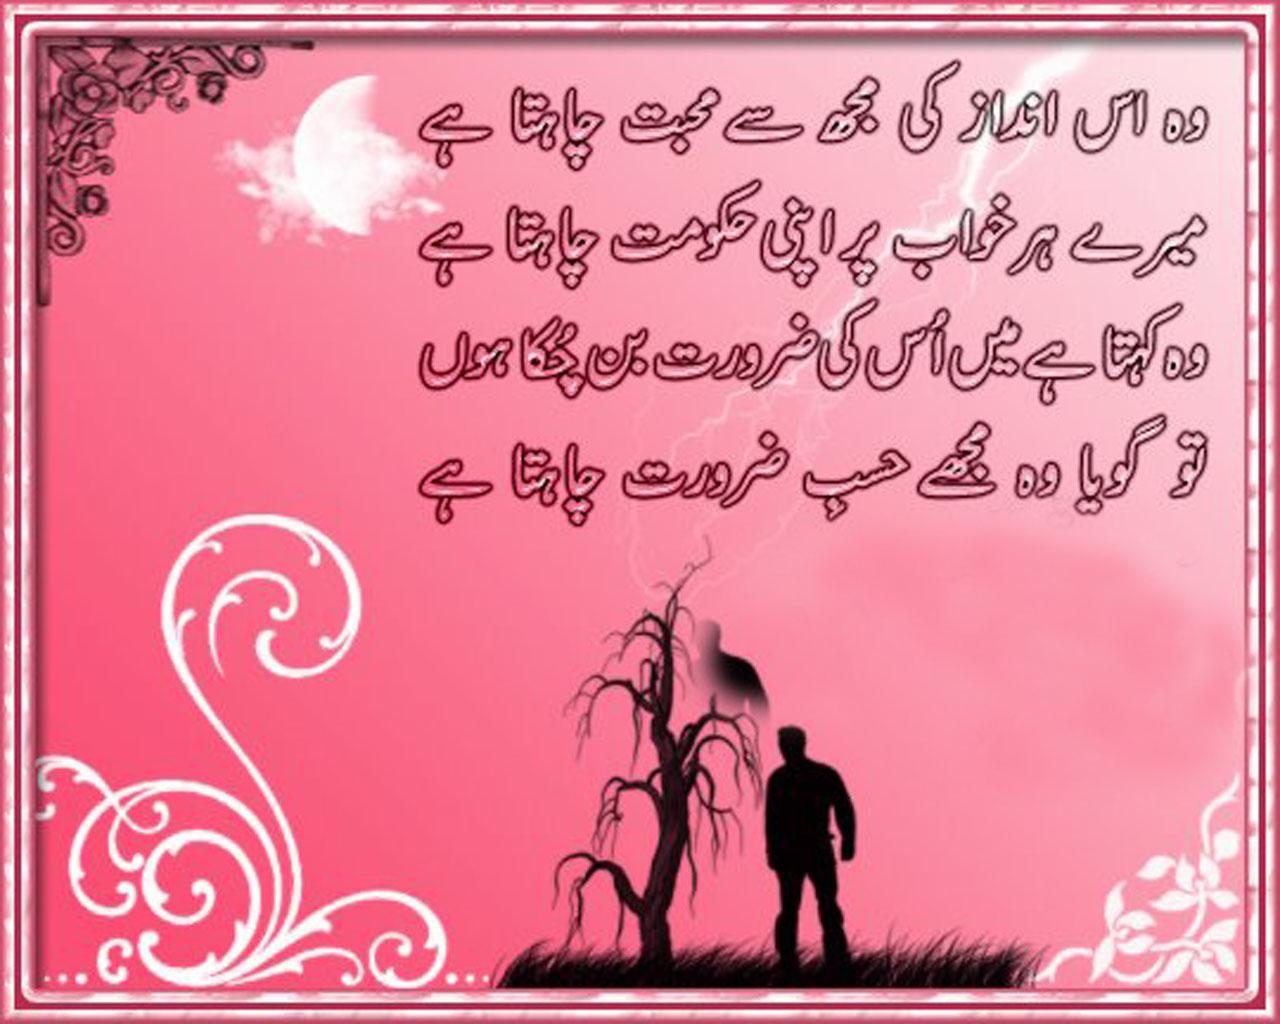 Urdu Love Urdu Poetry Shayari Sms Quotes Poetry Wallpaper Sad Poetry 1280x1024